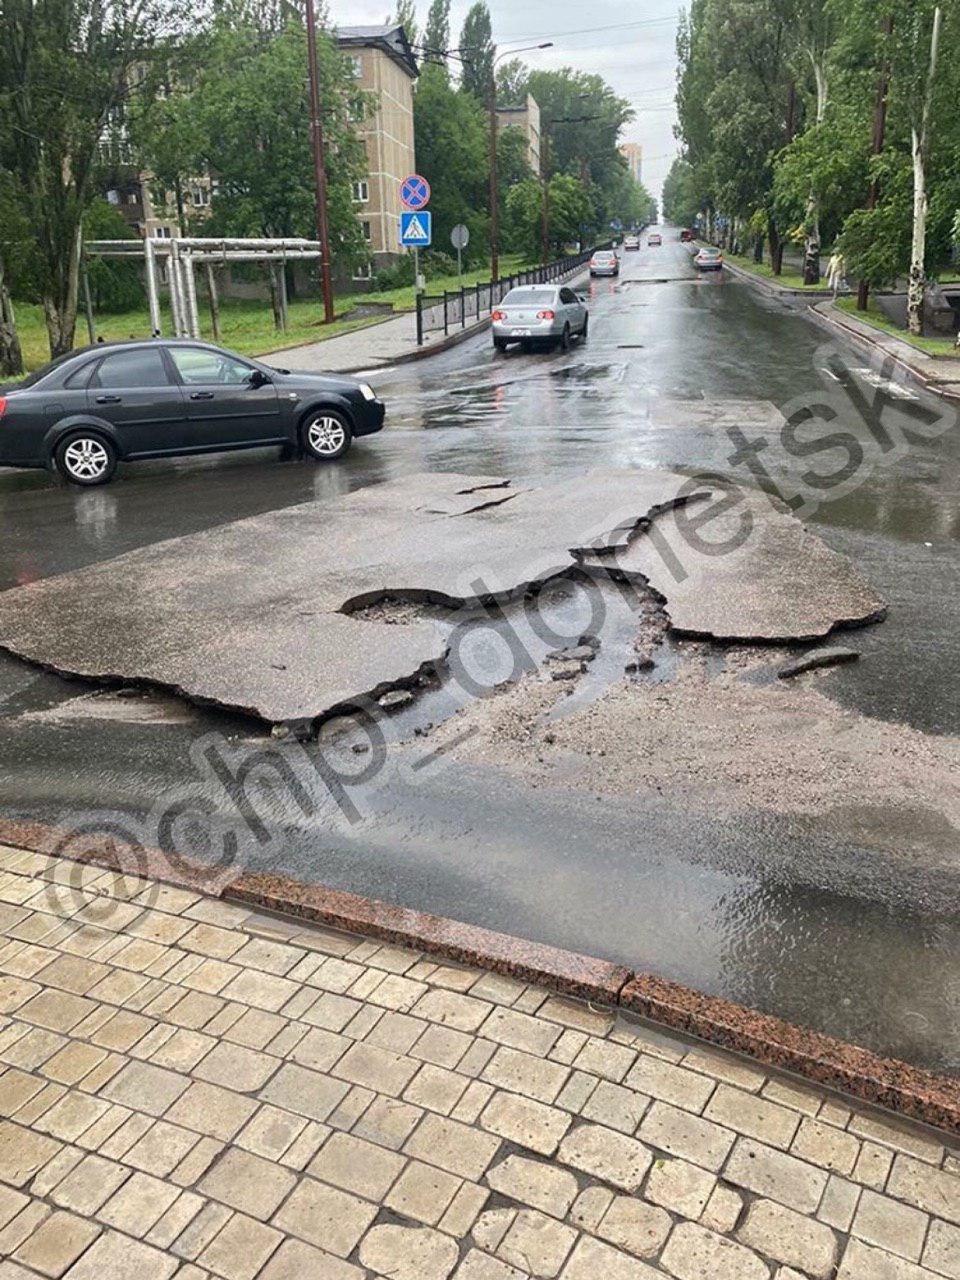 Над Донецком и Макеевкой пронесся ураган и страшный ливень: смерч сносил крыши домов, - ФОТО, ВИДЕО, фото-1